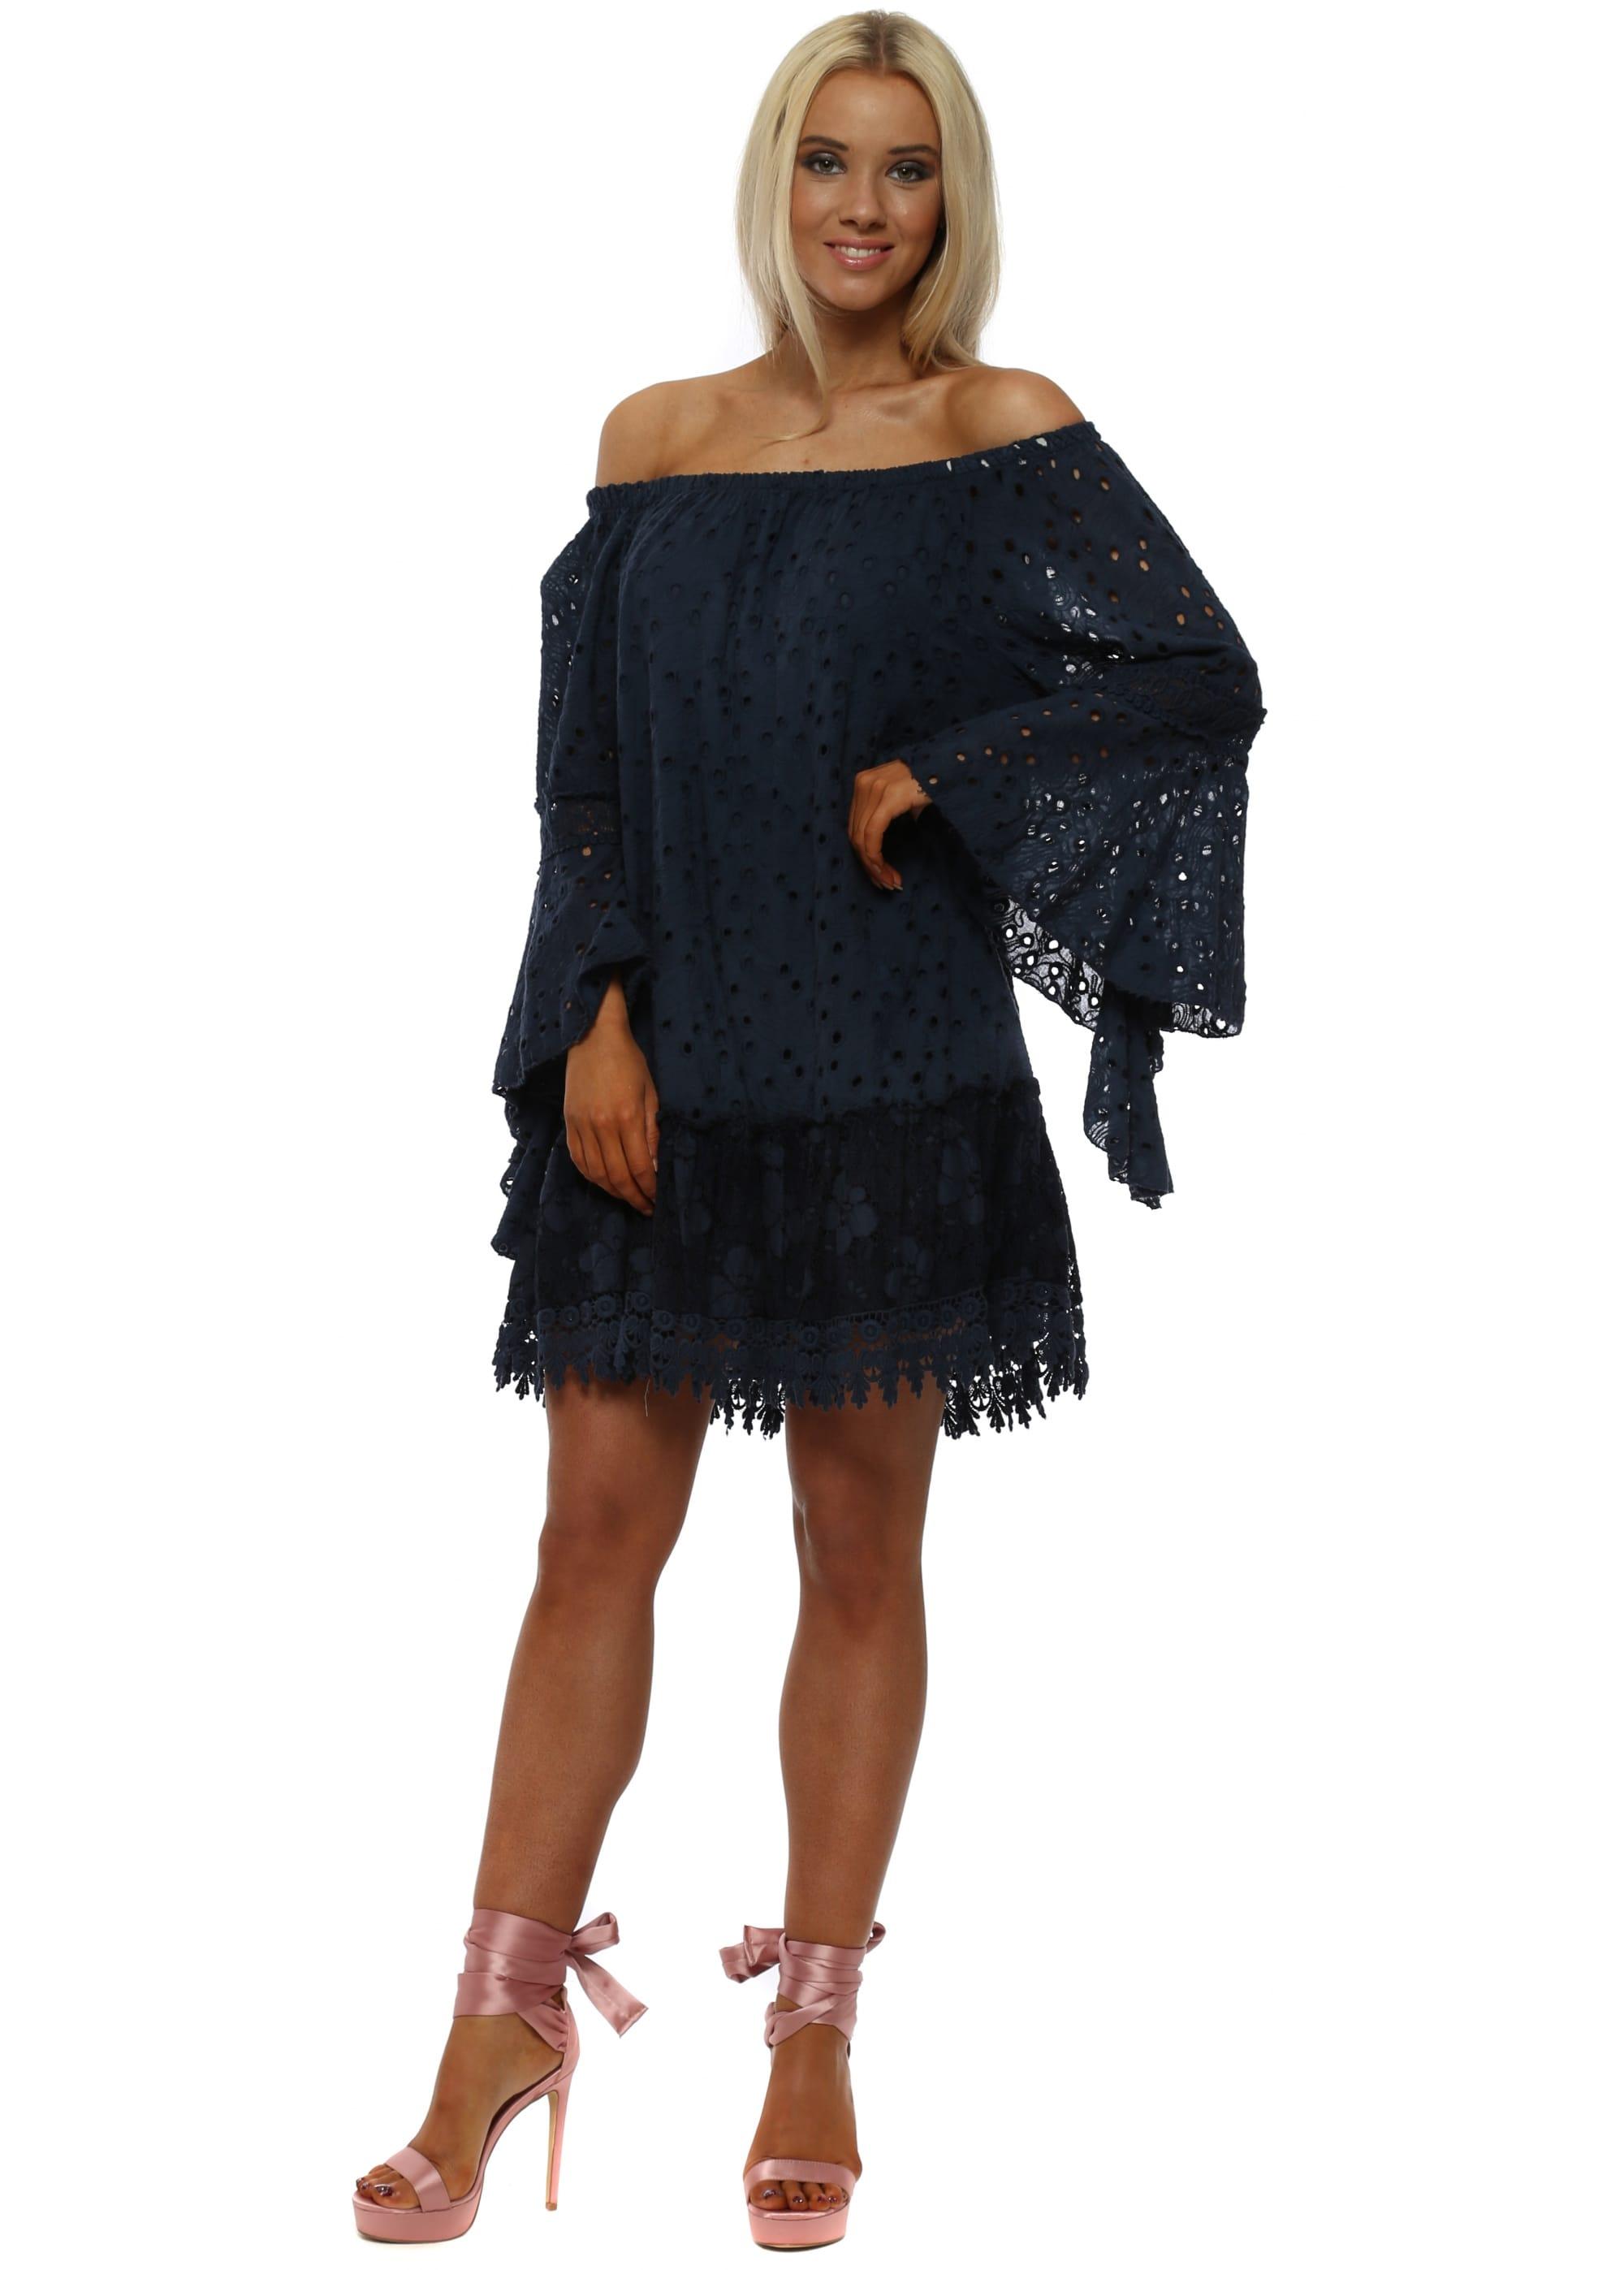 934eb4664107 Monton Navy Blue Crochet Lace Off The Shoulder Dress